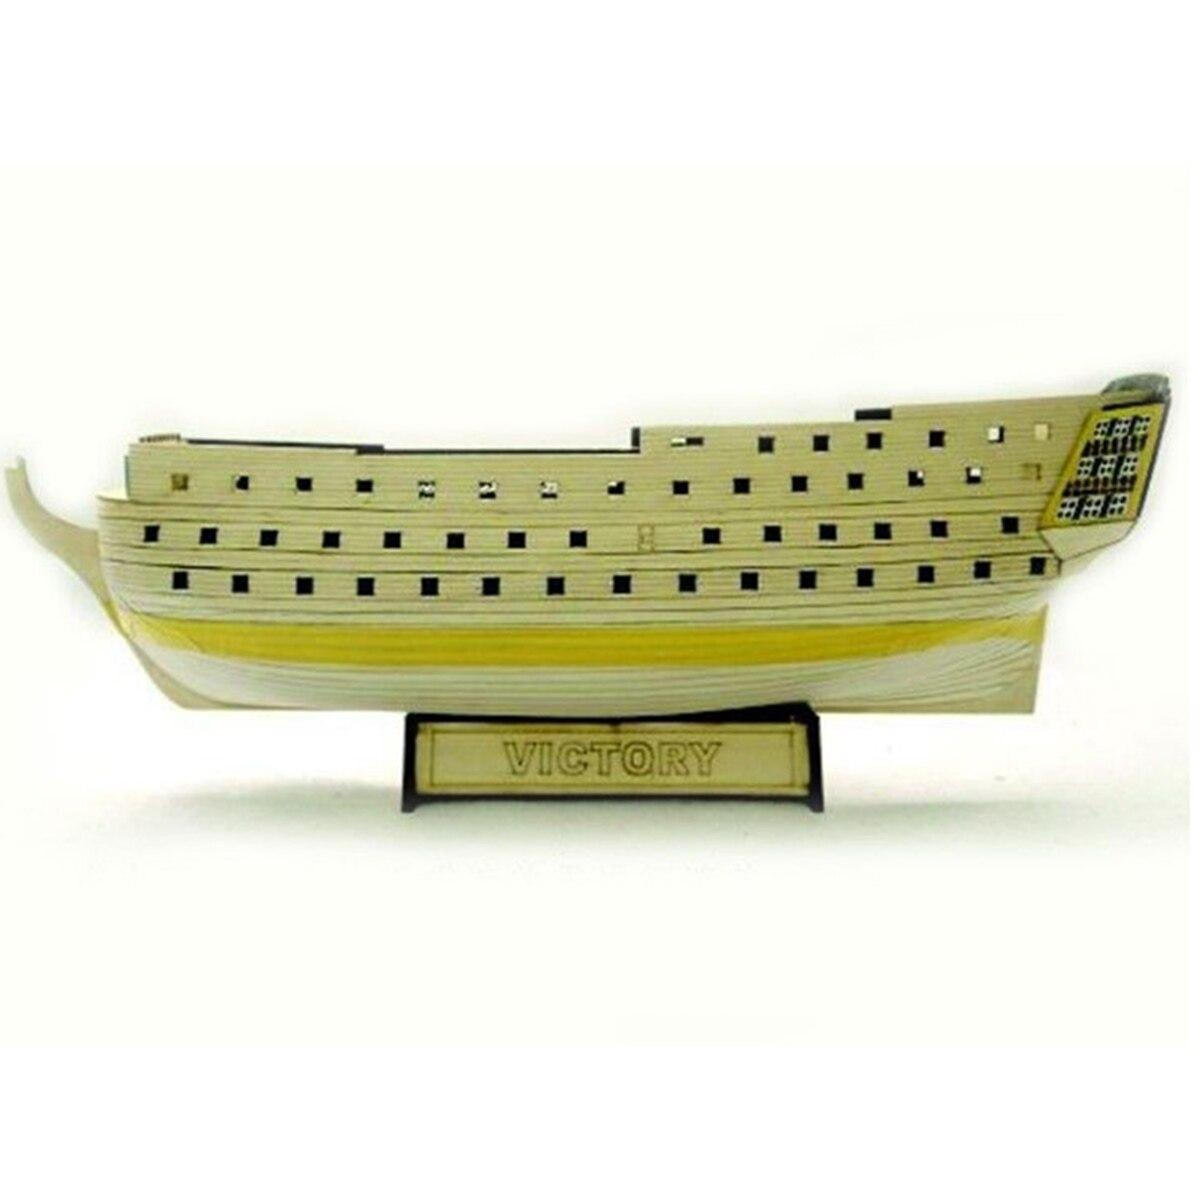 Modello modello di Nave Kit di Costruzione di trasporto 21 HMS Victory Barca A Vela In Legno Modello FAI DA TE Kit Nave Regalo Della Decorazione di Montaggio Per Per i bambini Del RagazzoModello modello di Nave Kit di Costruzione di trasporto 21 HMS Victory Barca A Vela In Legno Modello FAI DA TE Kit Nave Regalo Della Decorazione di Montaggio Per Per i bambini Del Ragazzo